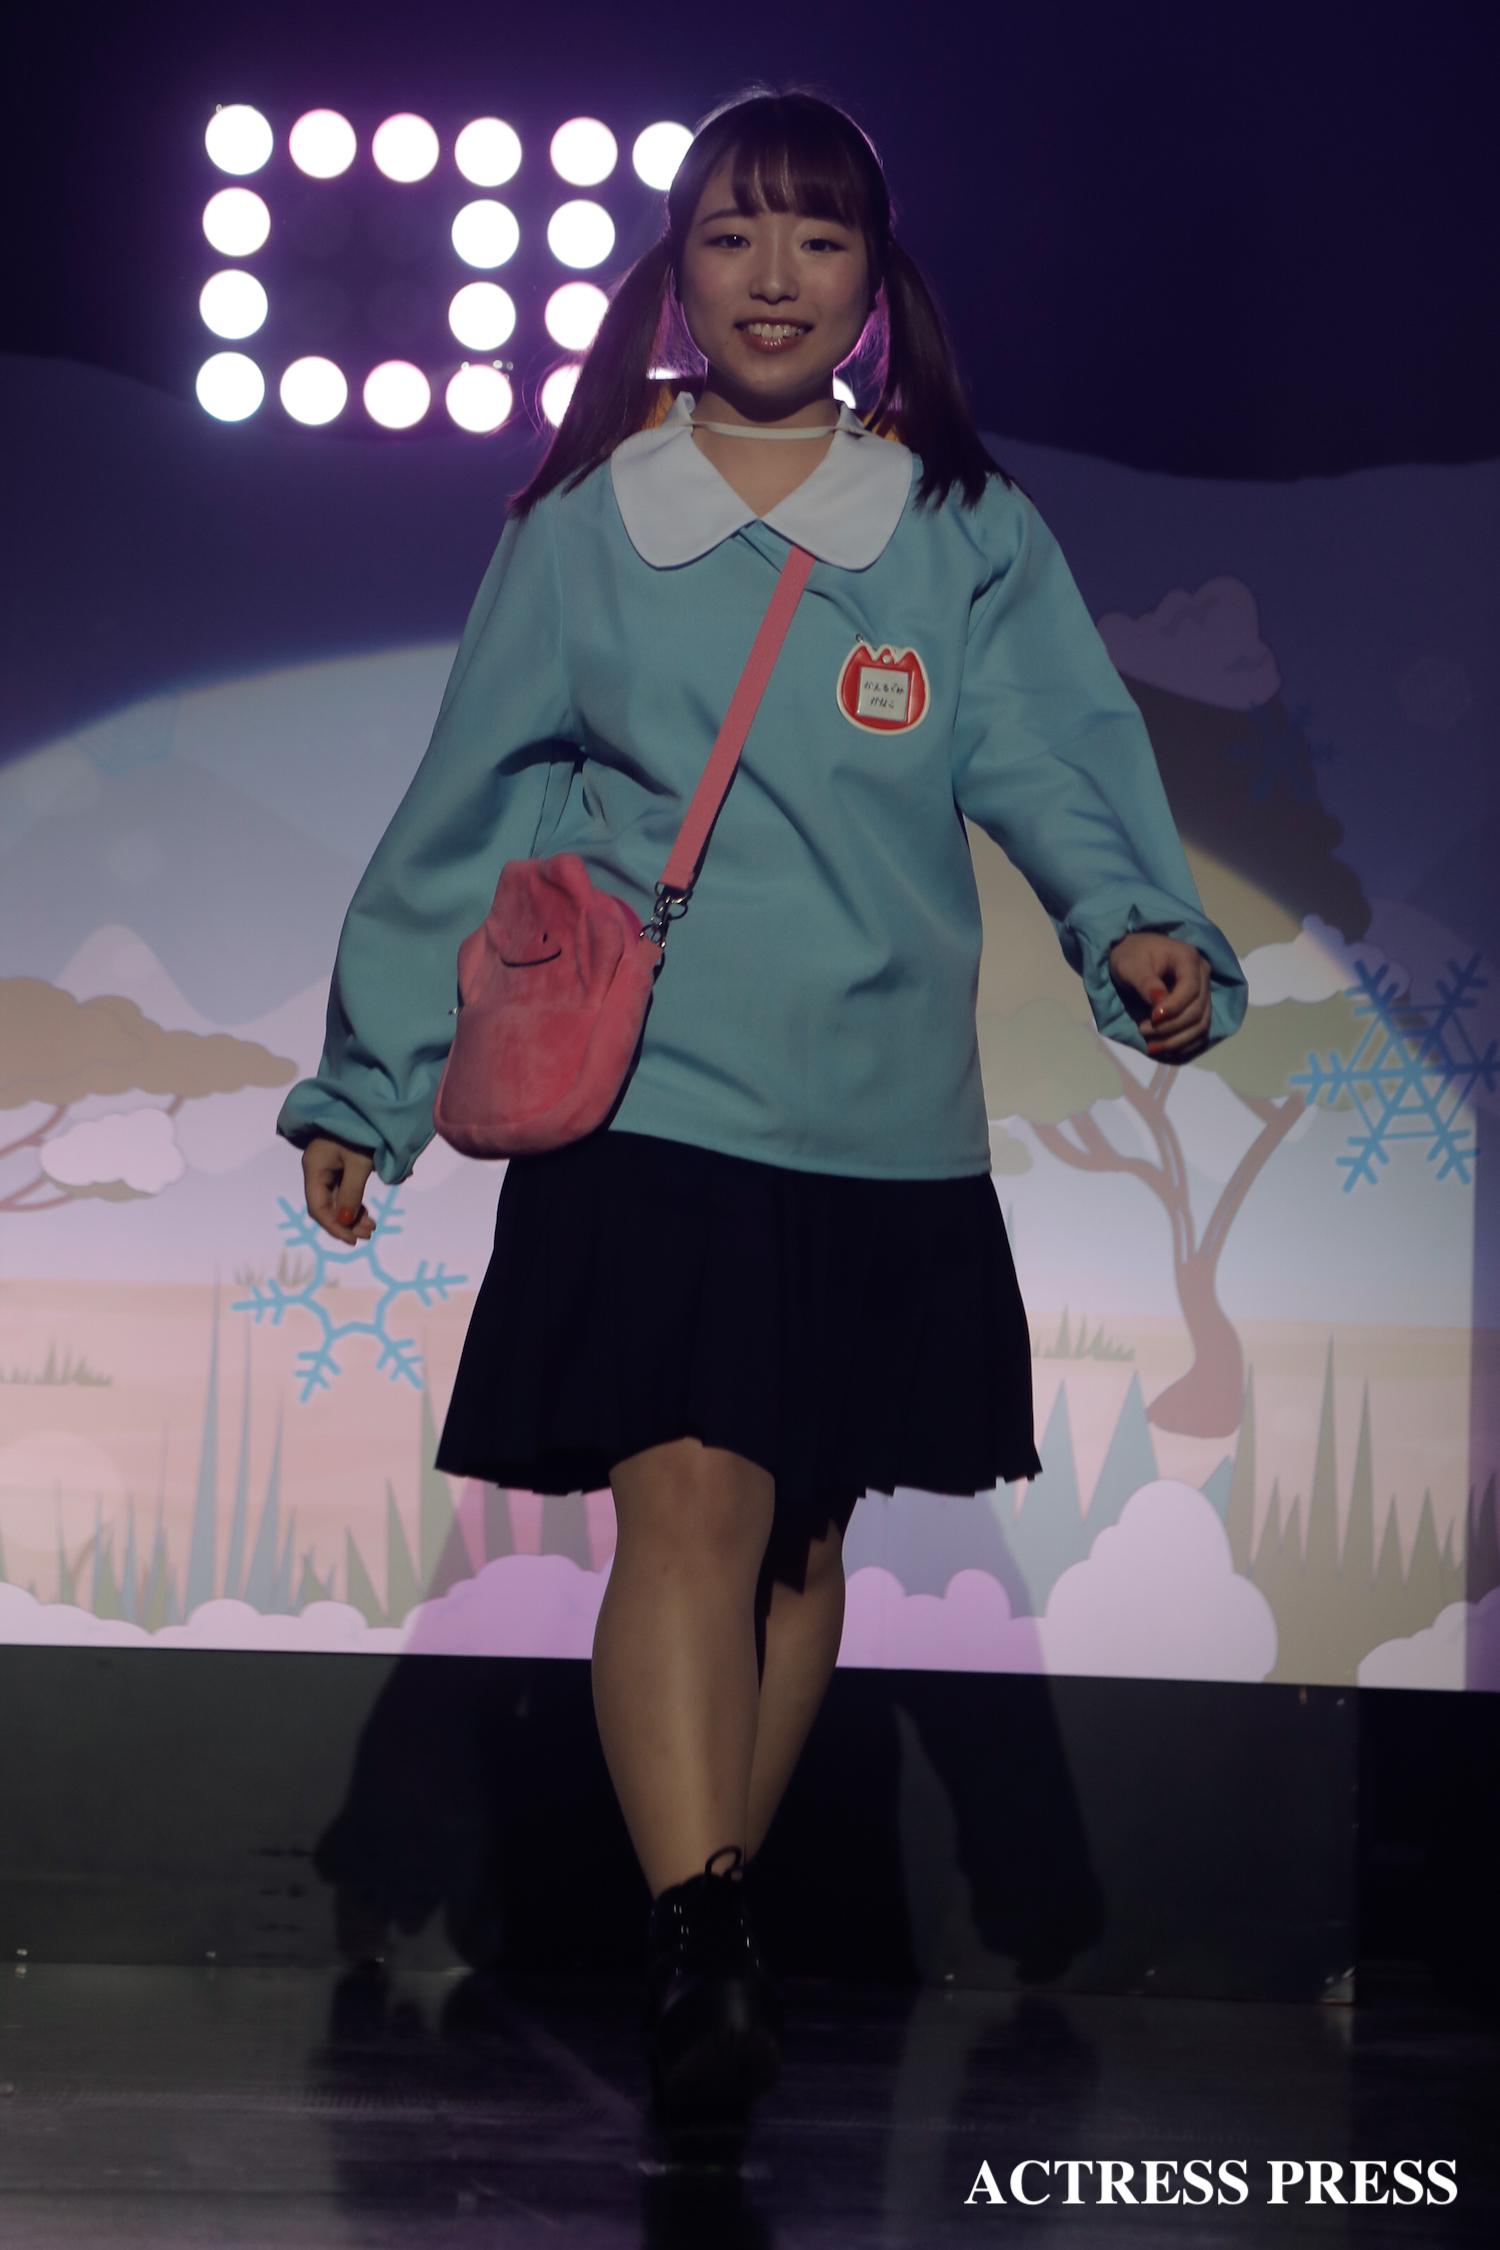 北星学園大学 Prima☆Stella かなこ/2020年2月13日、MISS UNIDOL19-20/撮影:ACTRESS PRESS編集部